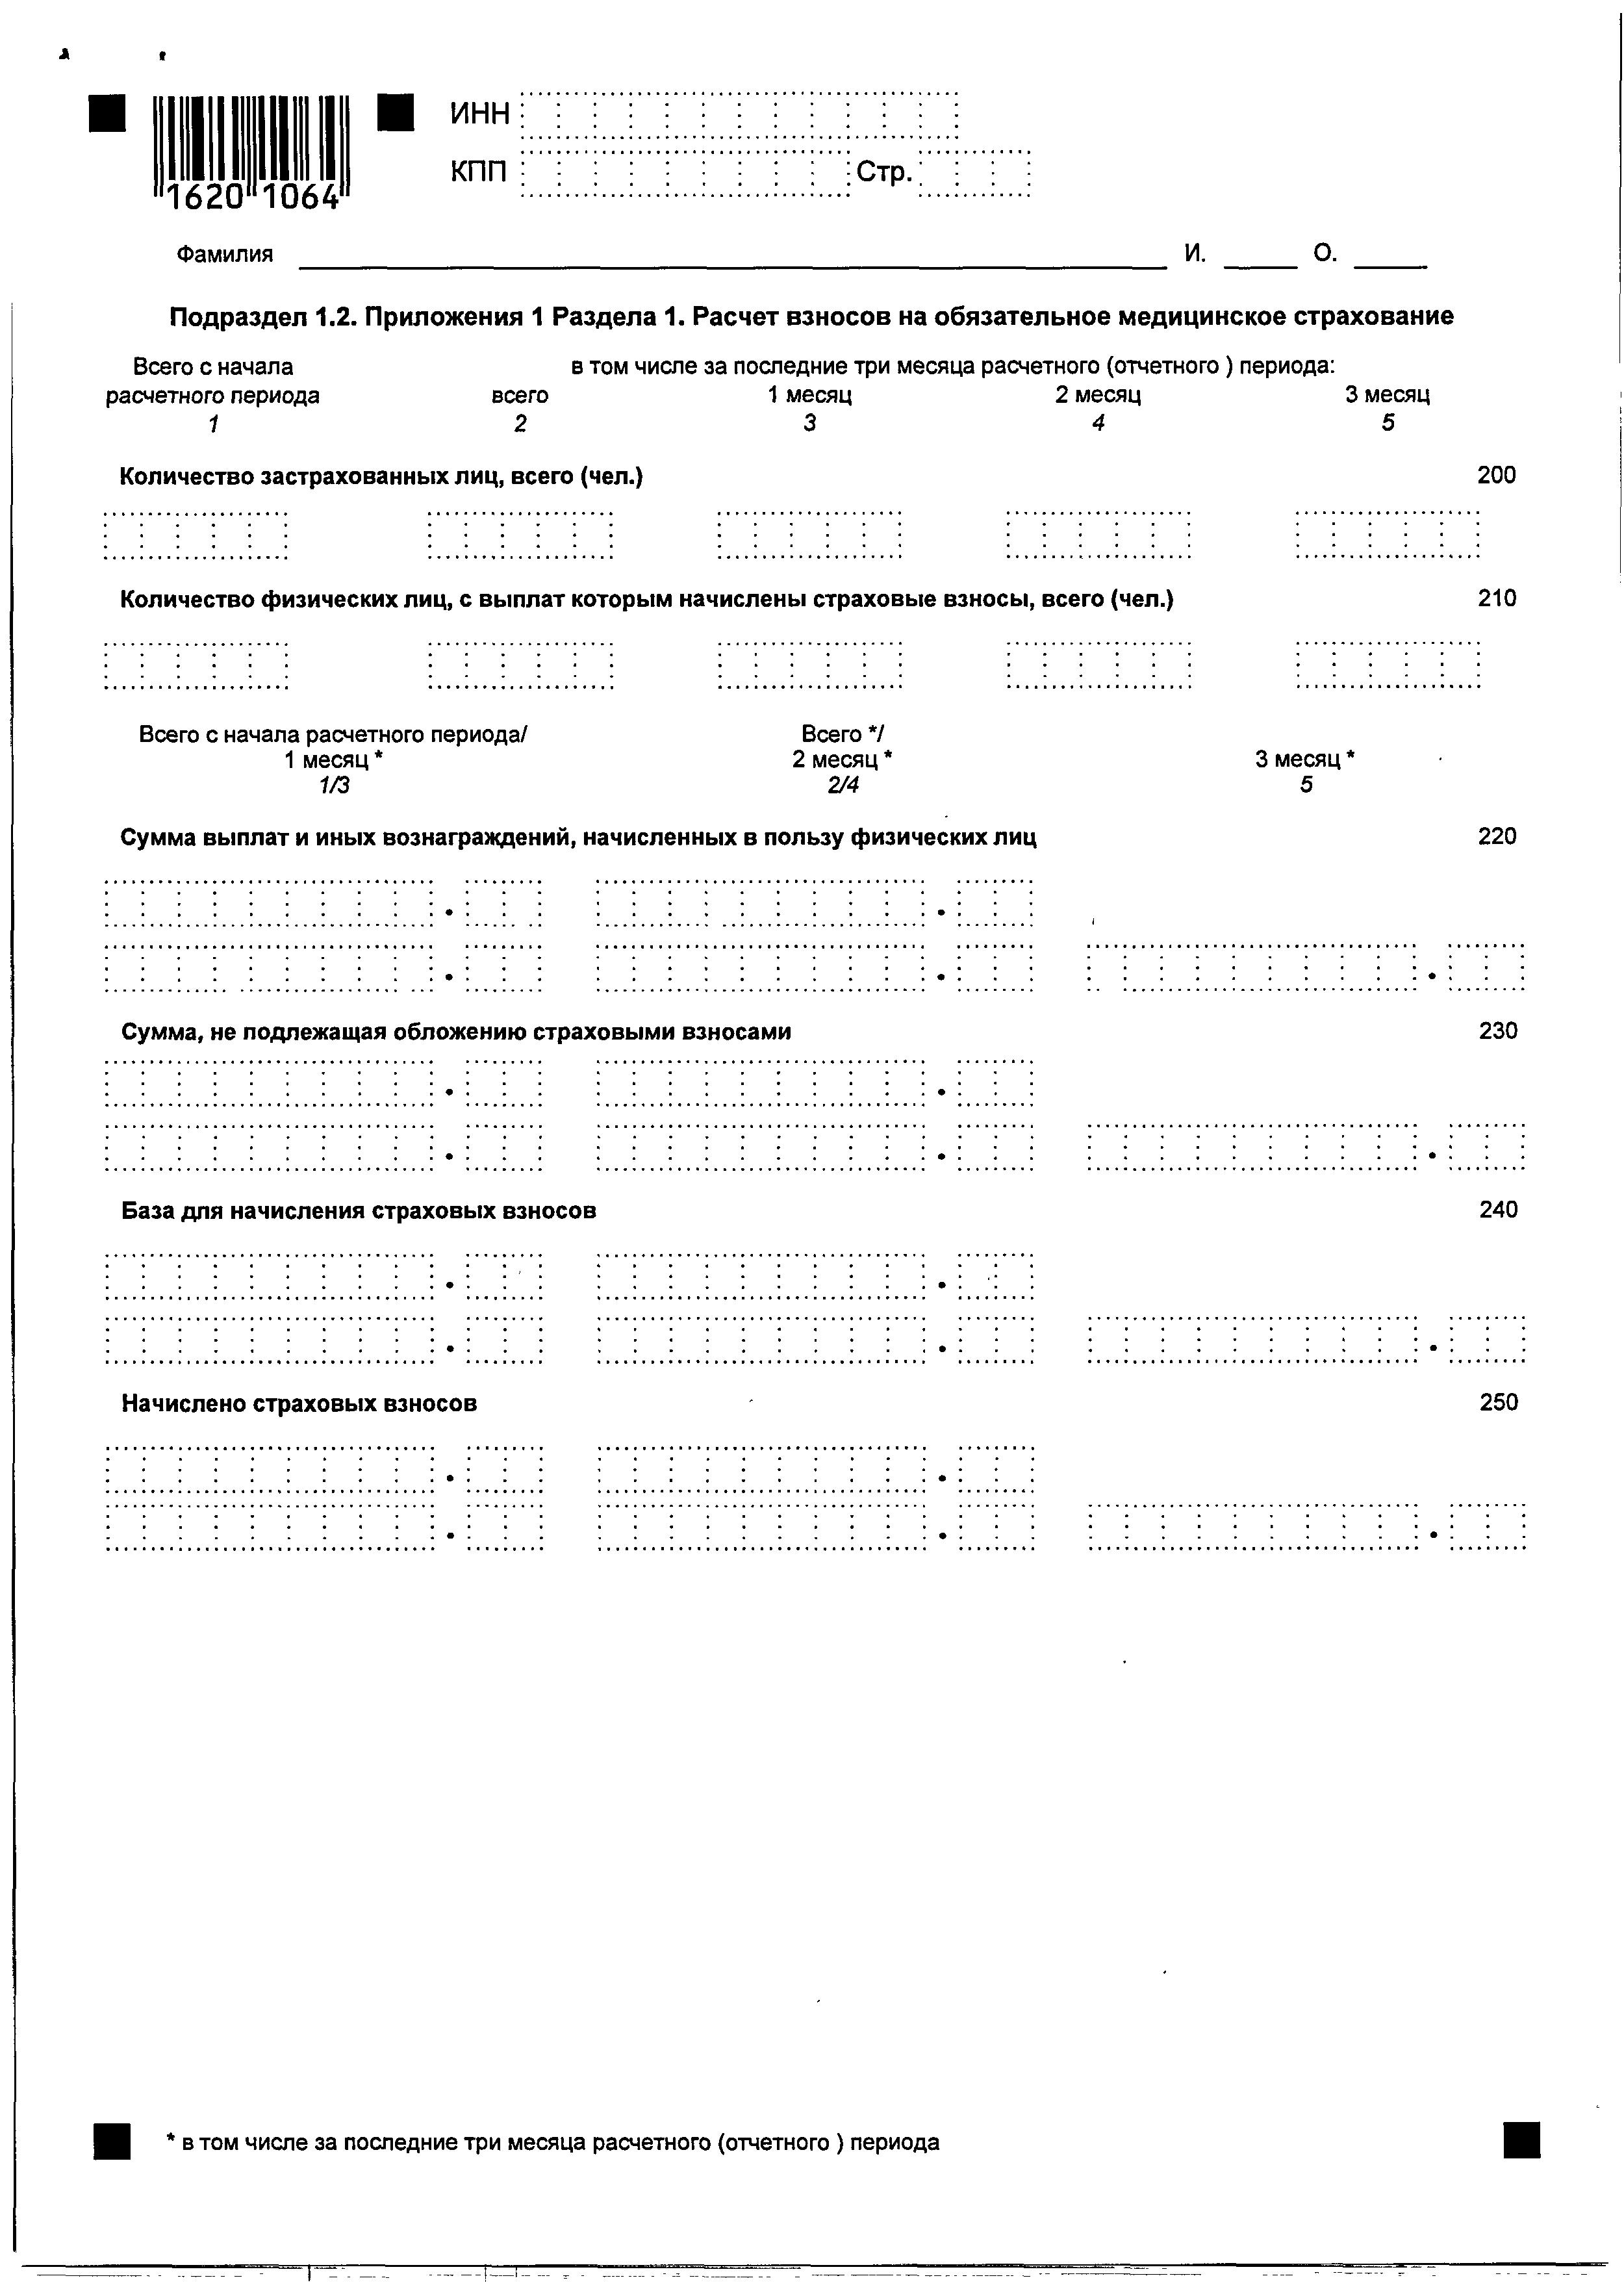 бланк расчета лимита по кассе